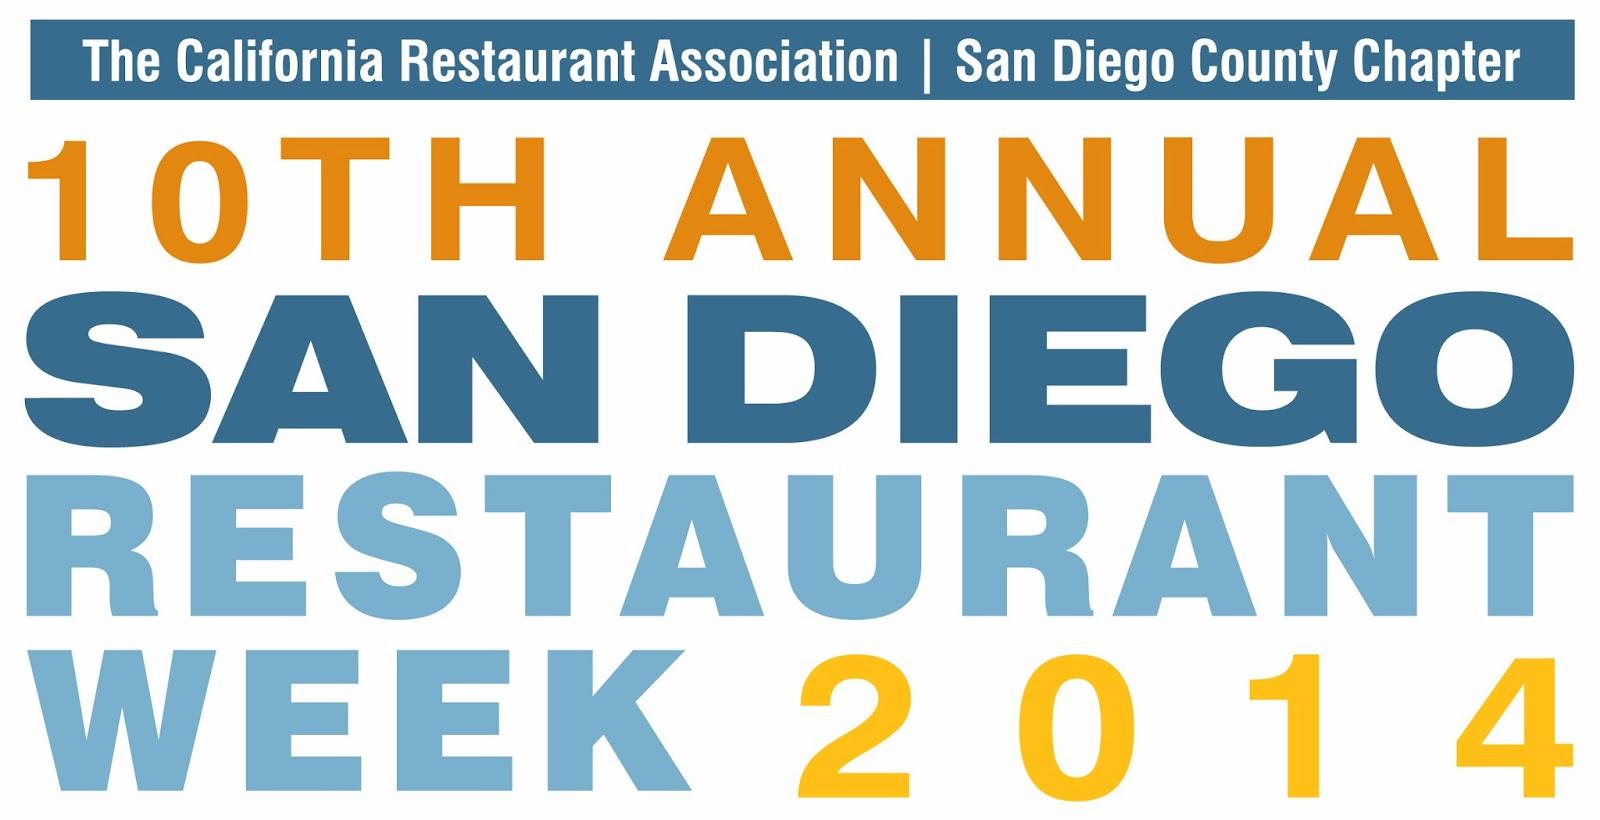 SanDiegoVille: San Diego Restaurant Week Celebrates 10 Years in 2014 ...